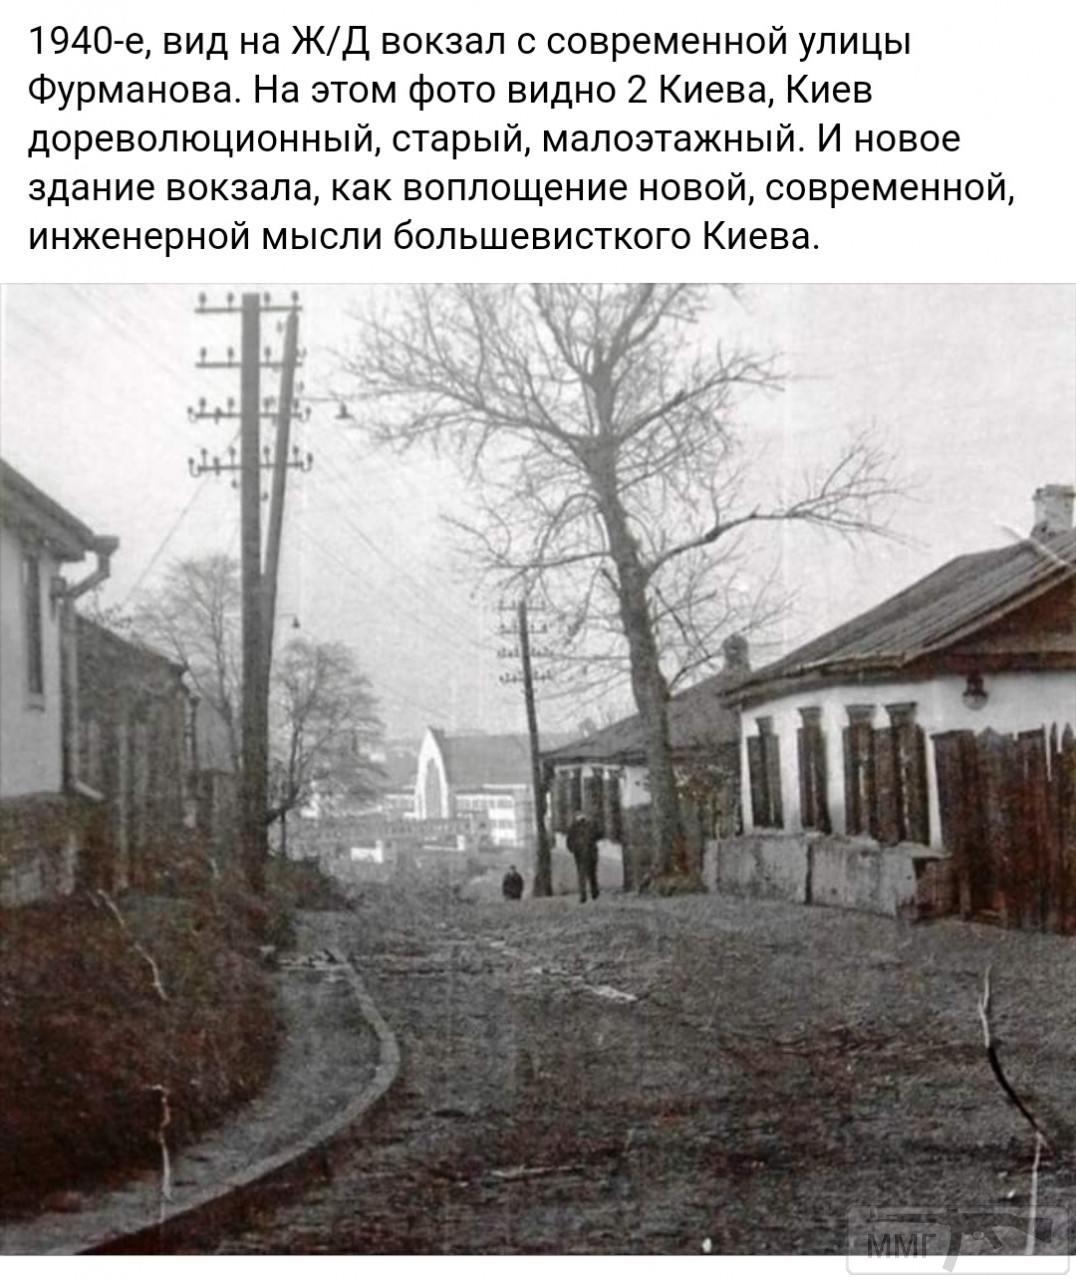 92908 - Киев